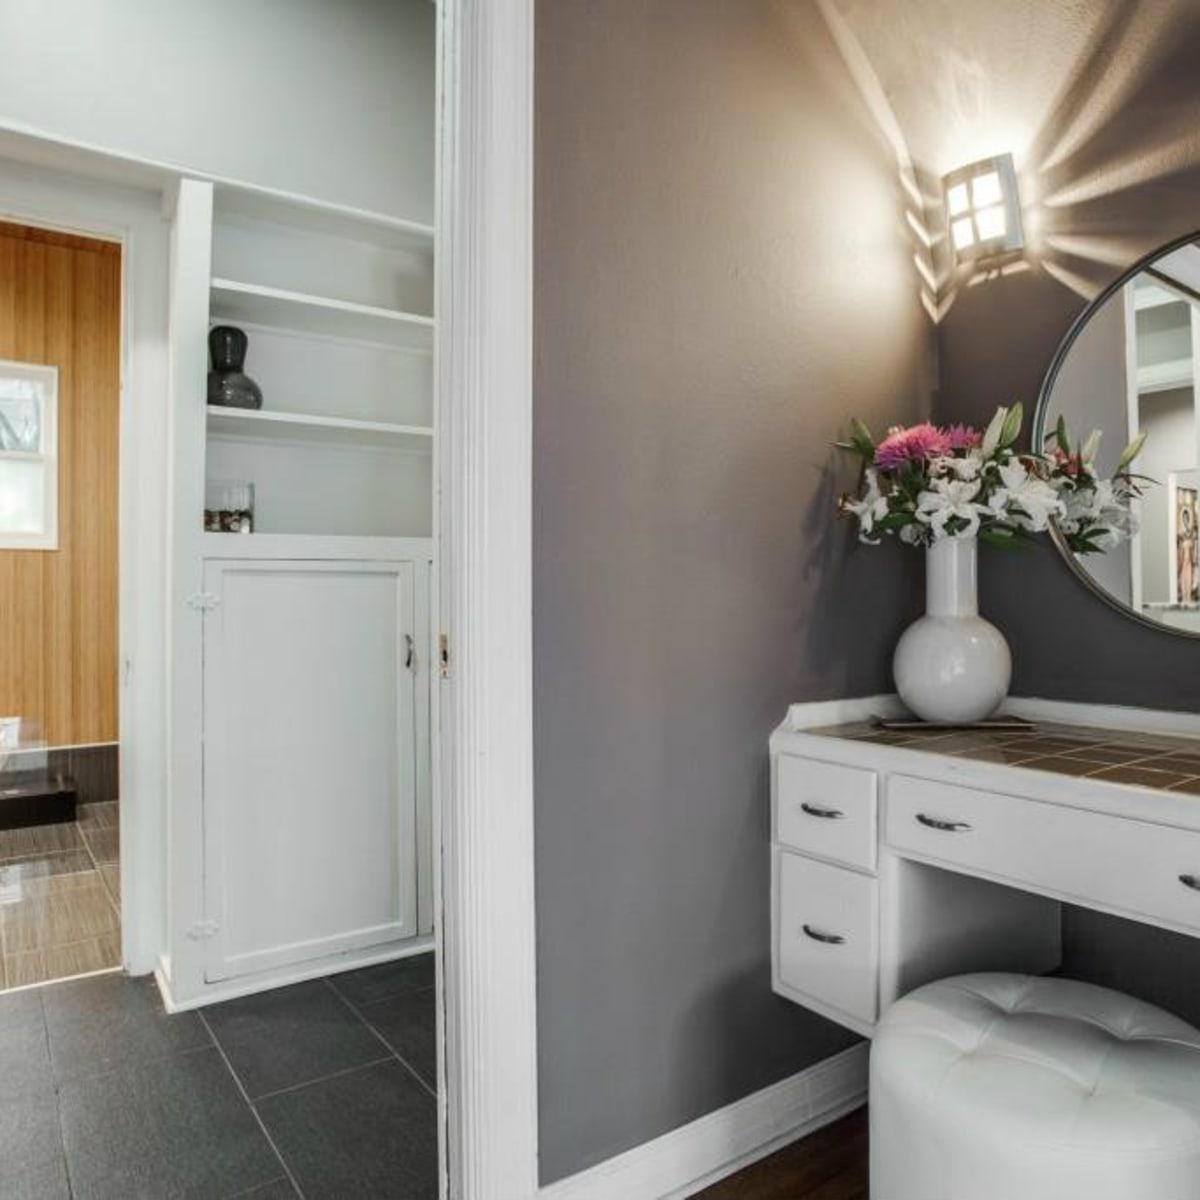 Vanity area at 114 N. Edgefield in Dallas